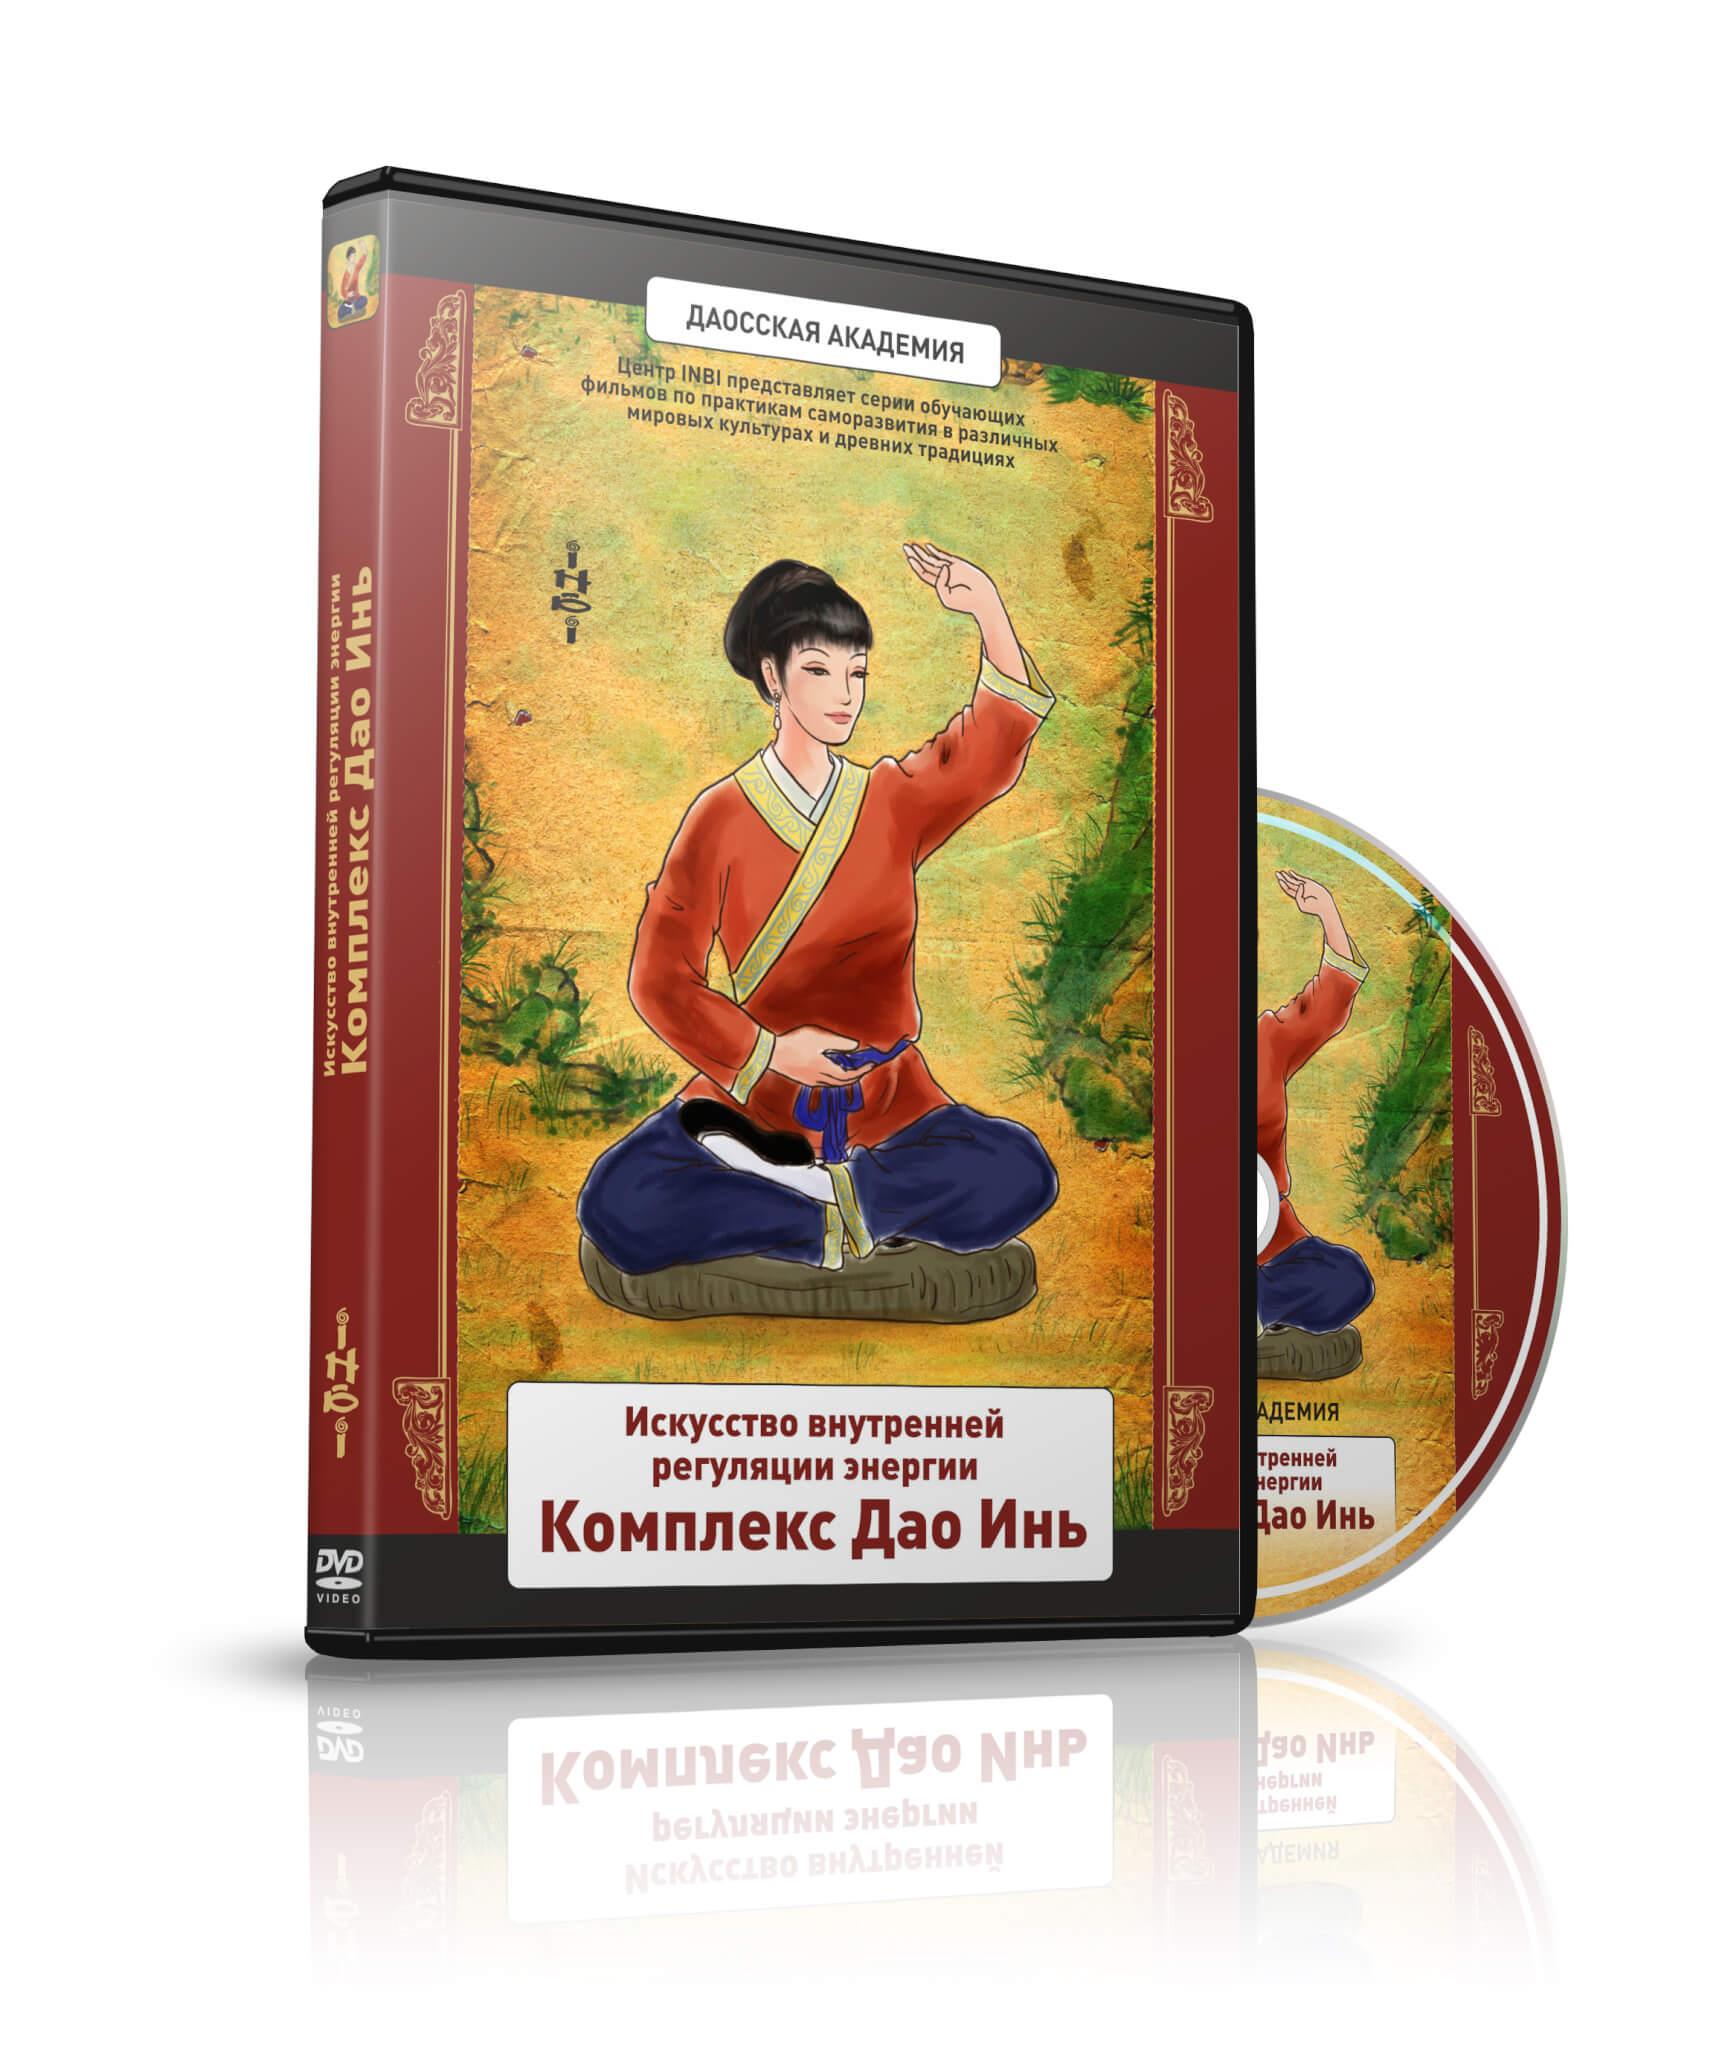 Комплекс Дао Ин – DVD филм с превод на български език